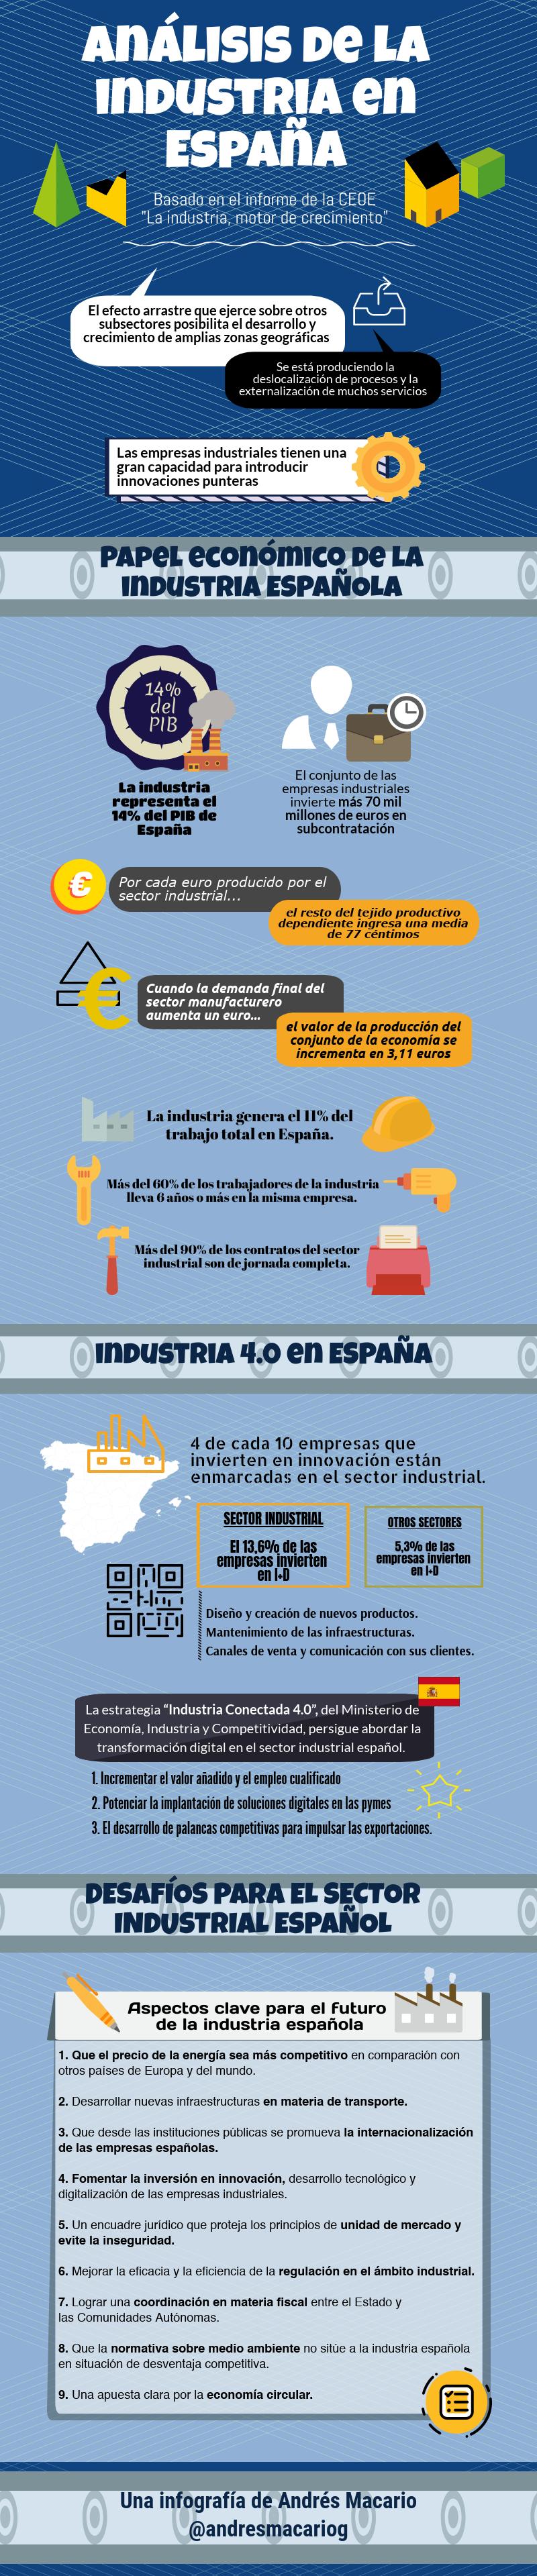 Análisis de la industria en España - Infografía de Andrés Macario